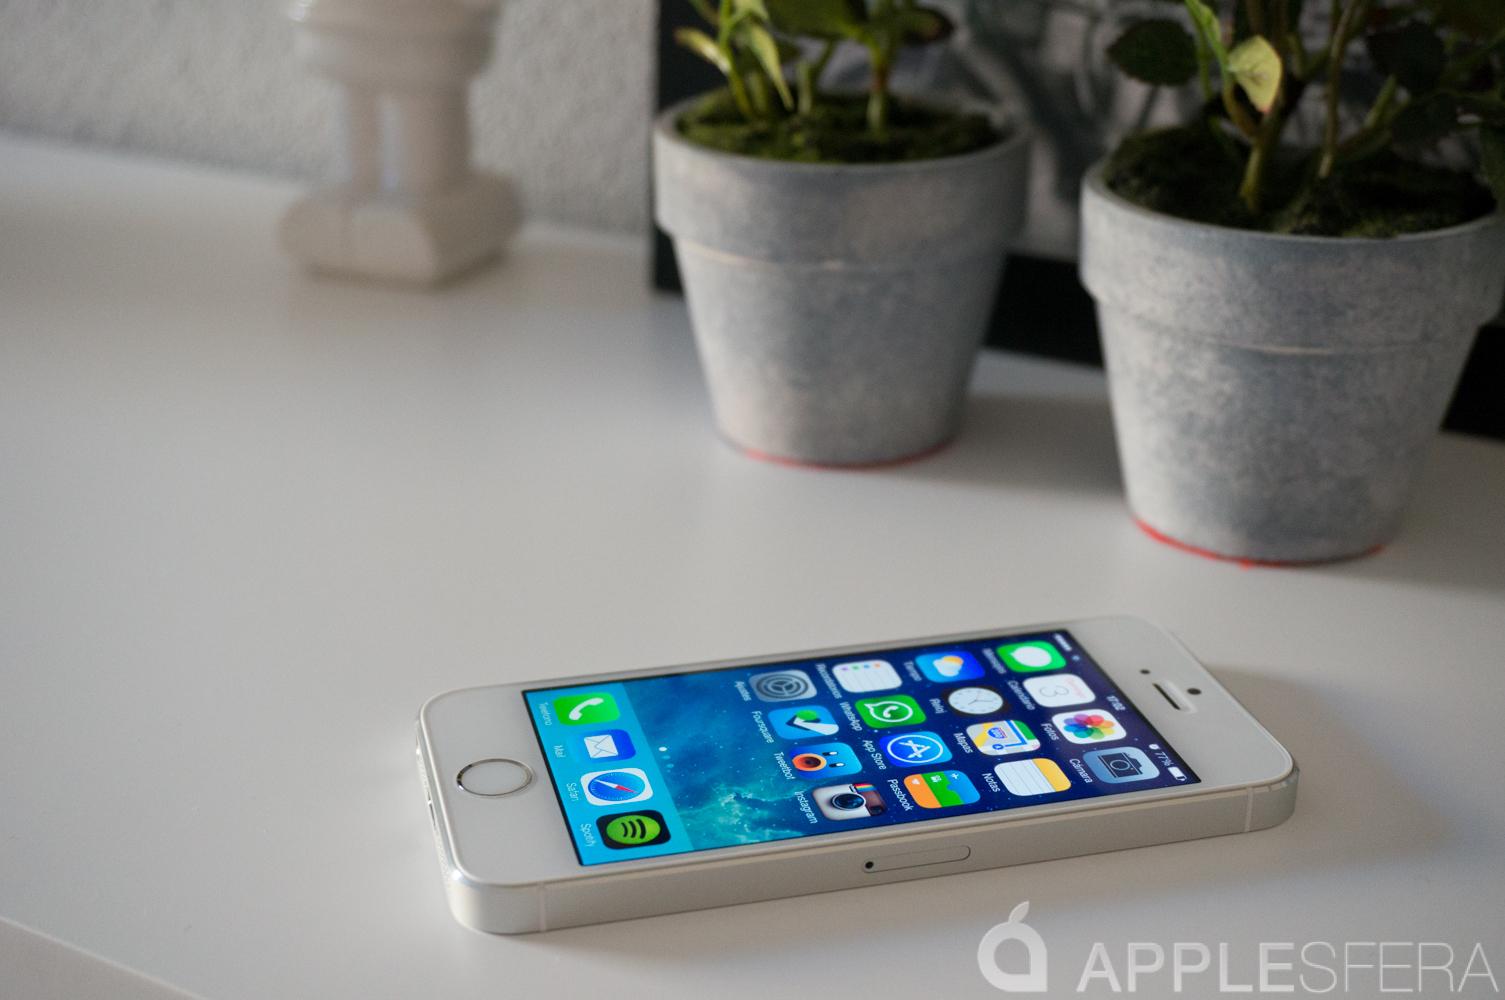 Foto de Diseño exterior del iPhone 5s (22/22)